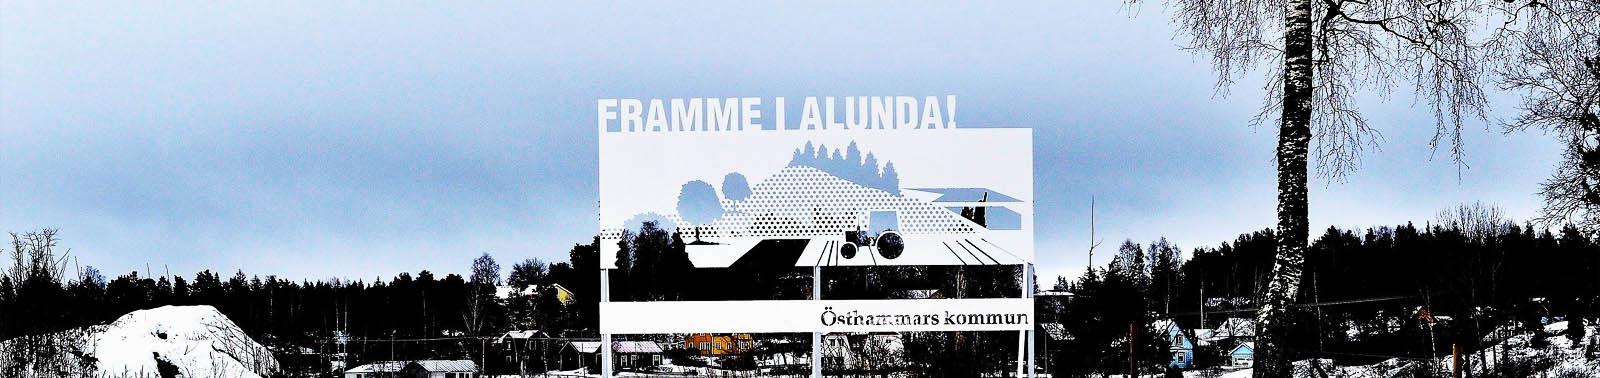 Alunda City